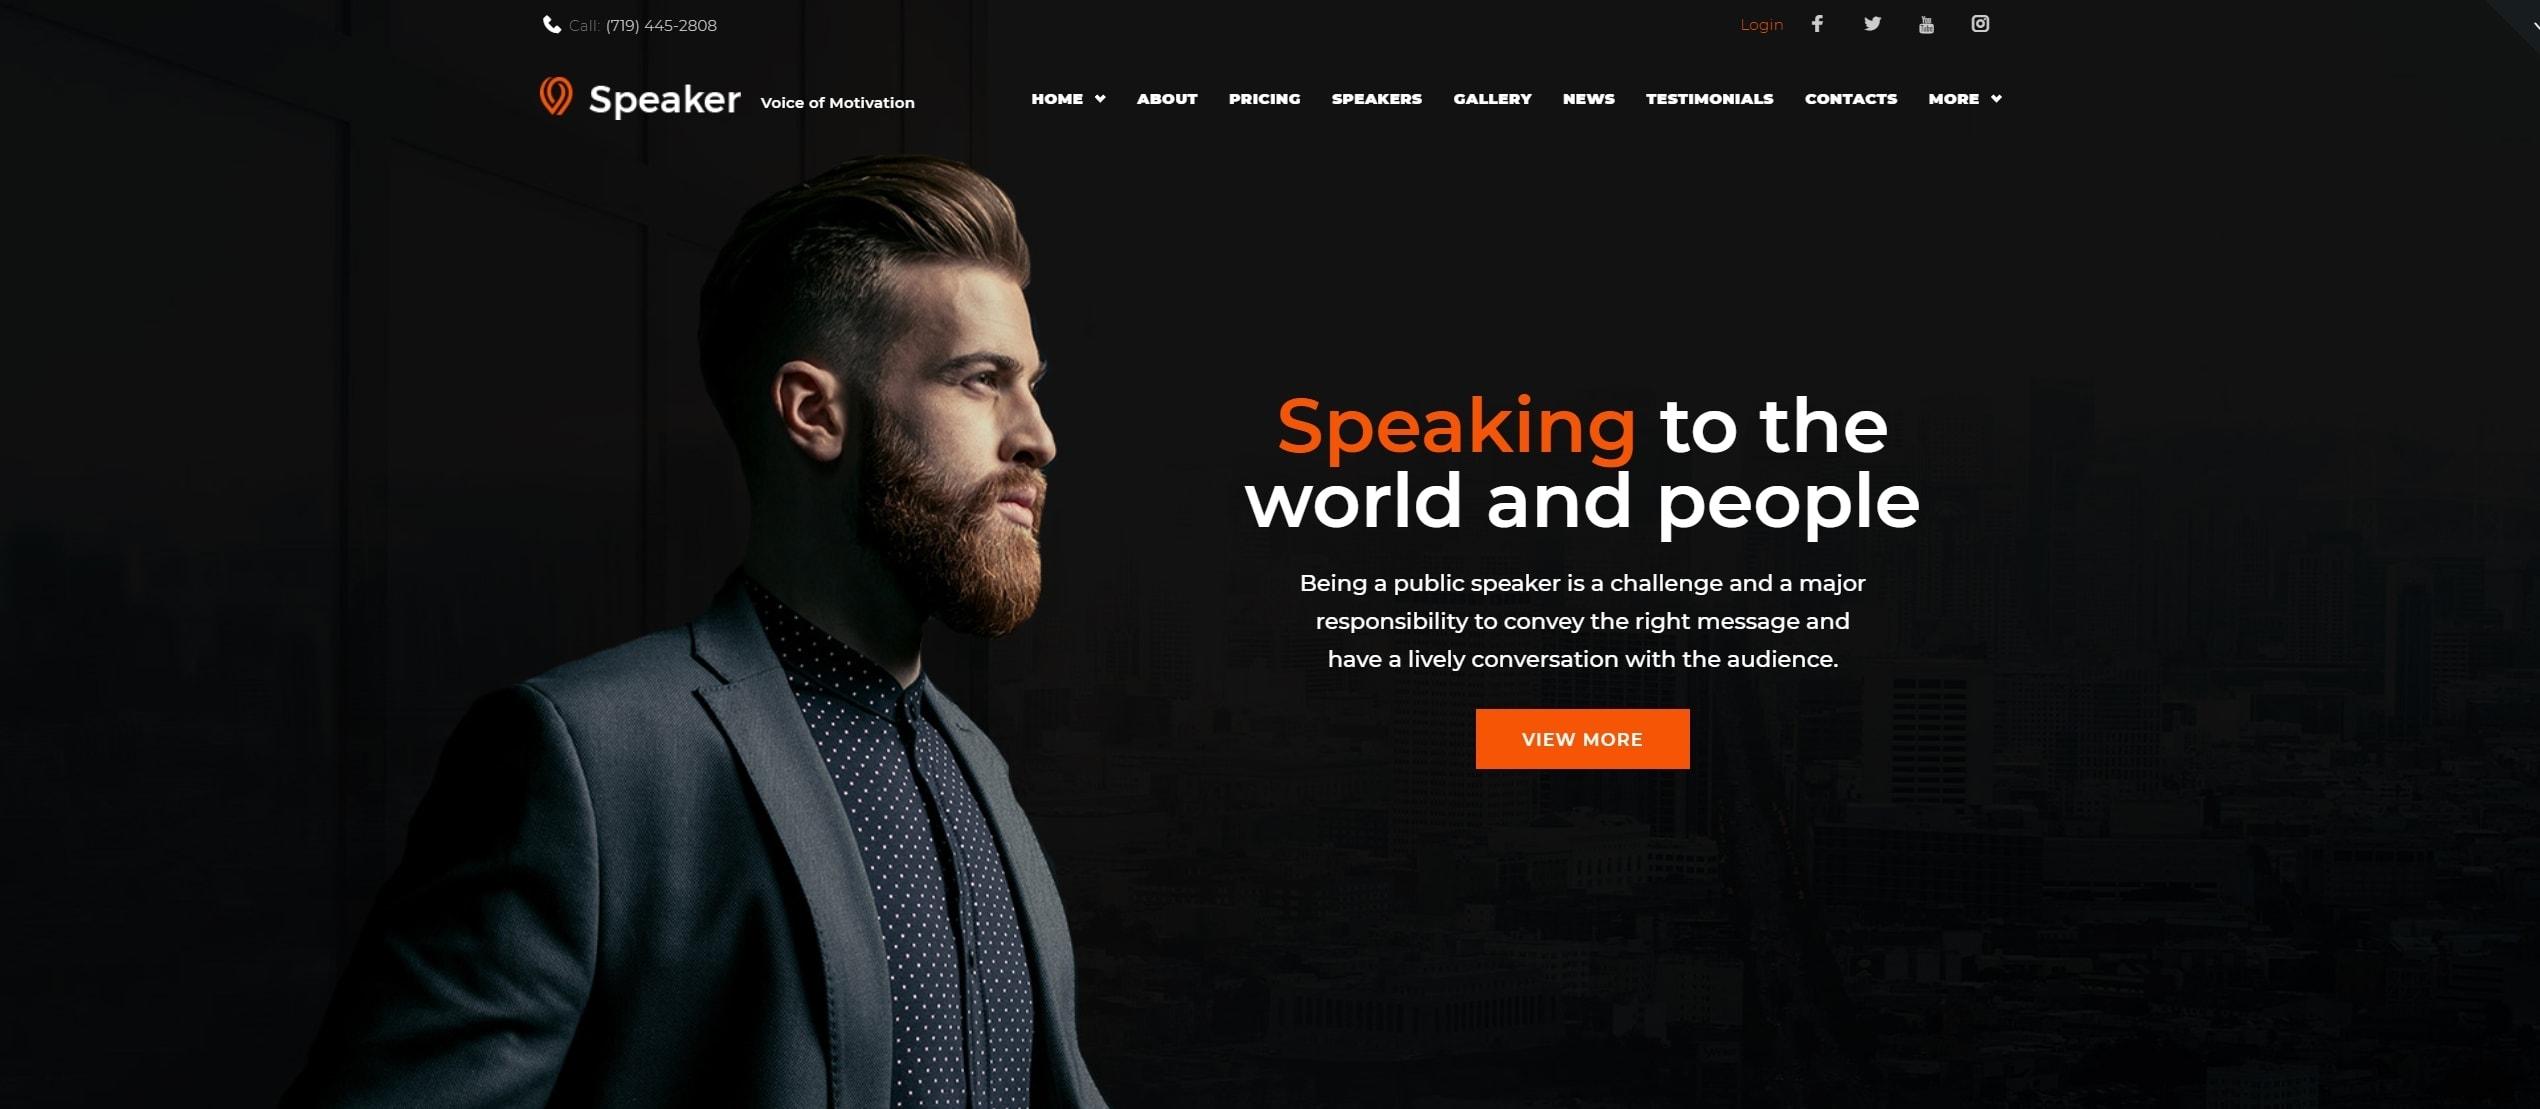 Адаптивные шаблоны Вордпресс на русском для популярного сайта